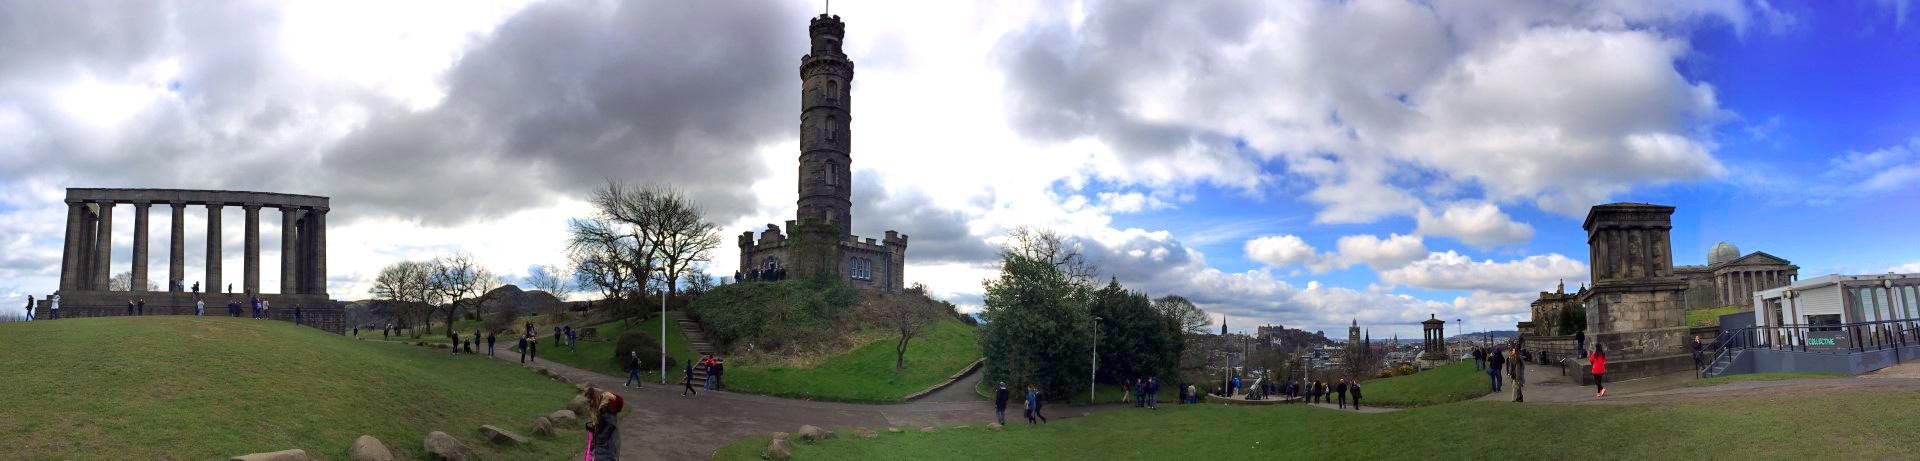 Ruta por Escocia en 4 días escocia en 4 días - 26616705686 c8bcbc1b86 o - Visitar Escocia en 4 días